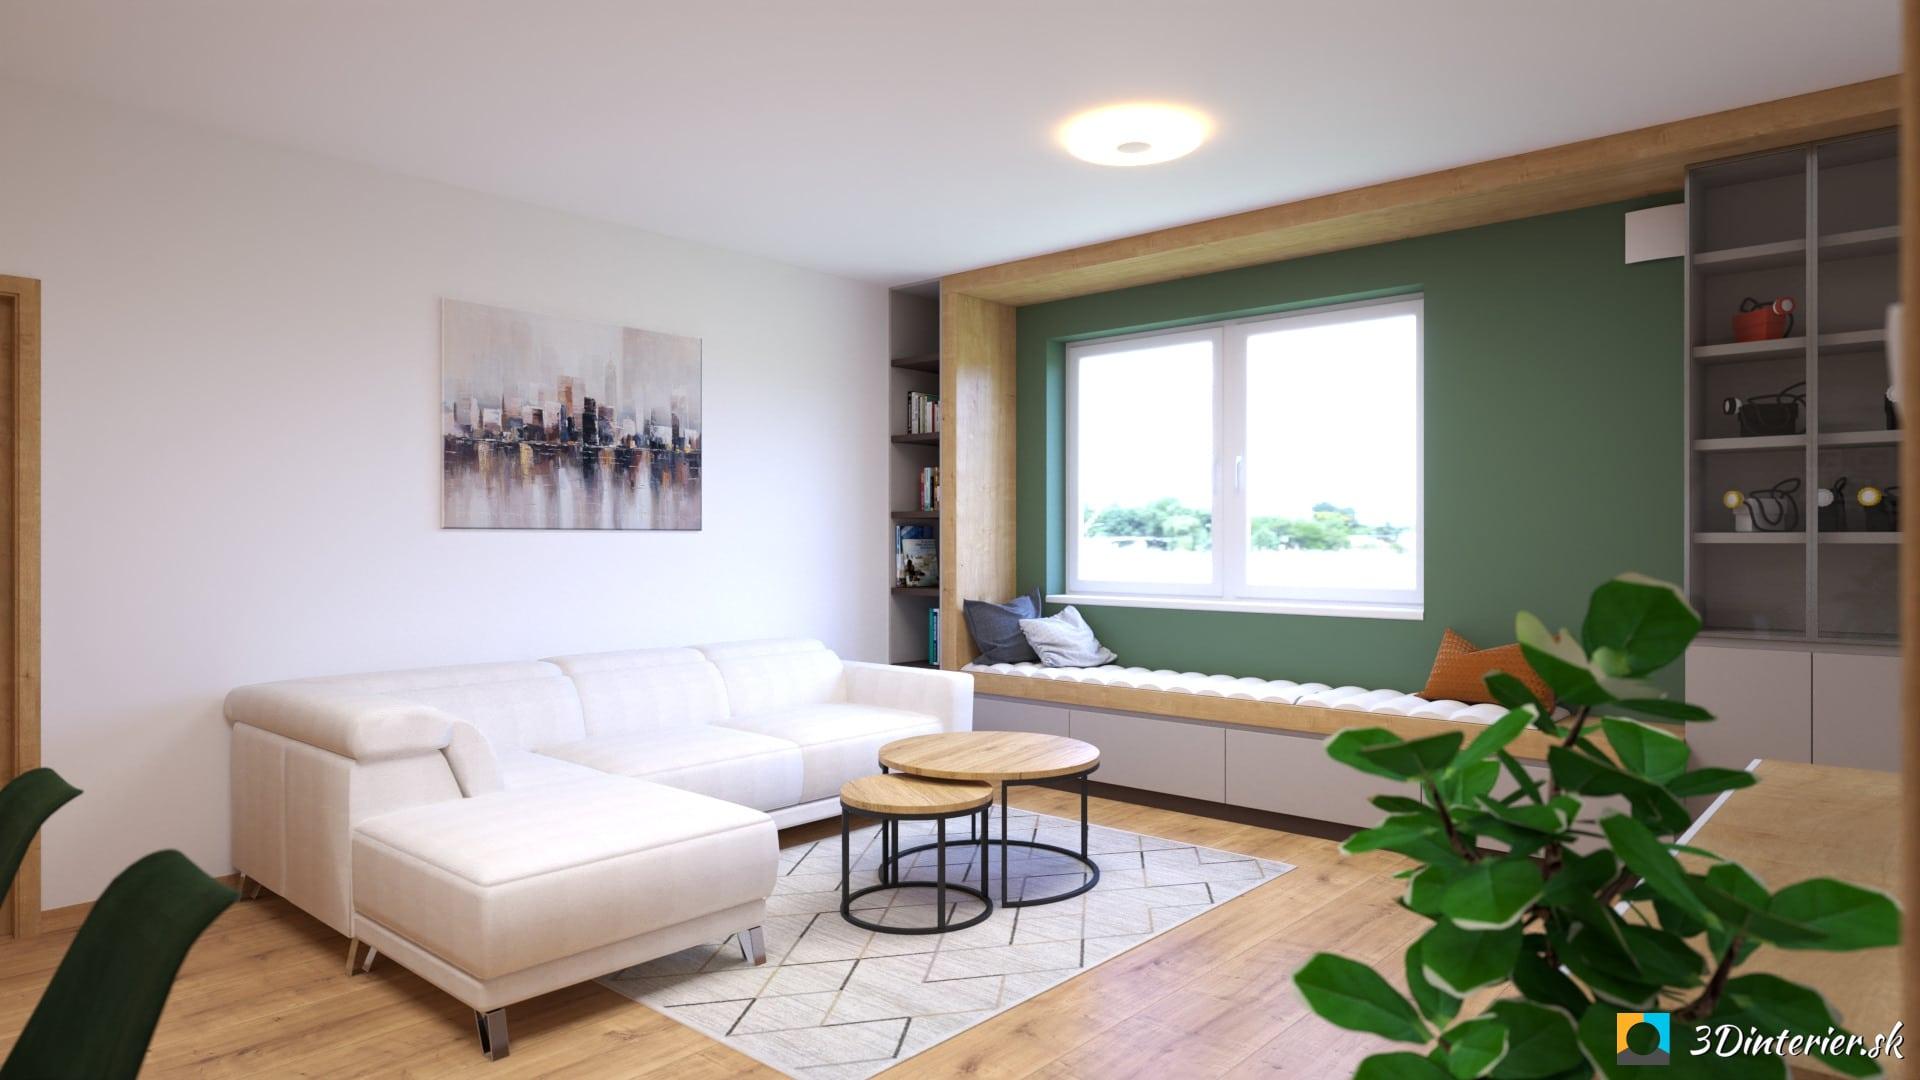 obyvacka zelena stena sedenie pod oknom nadčasový interiér